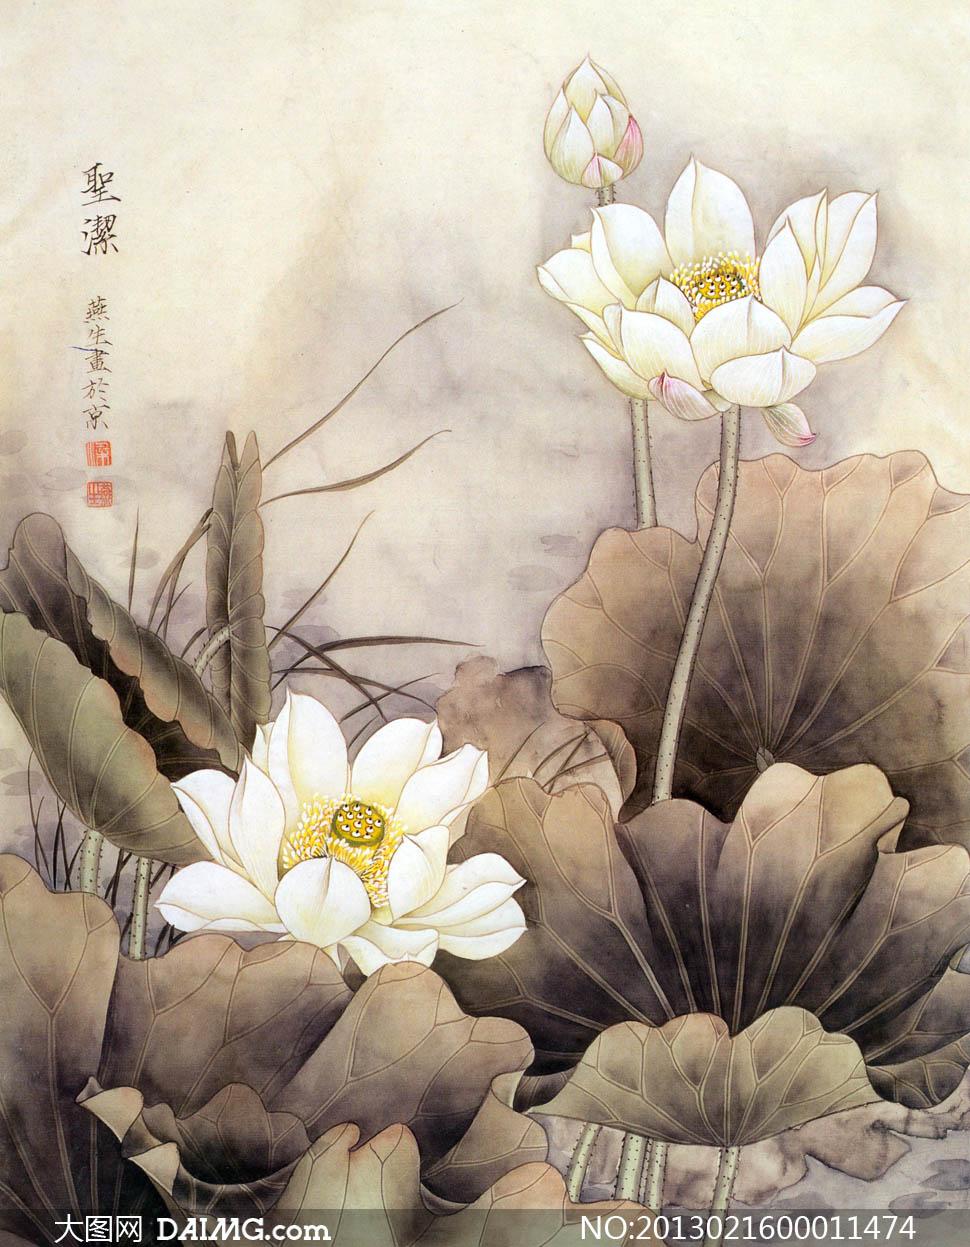 中国风荷花工笔画设计图片素材